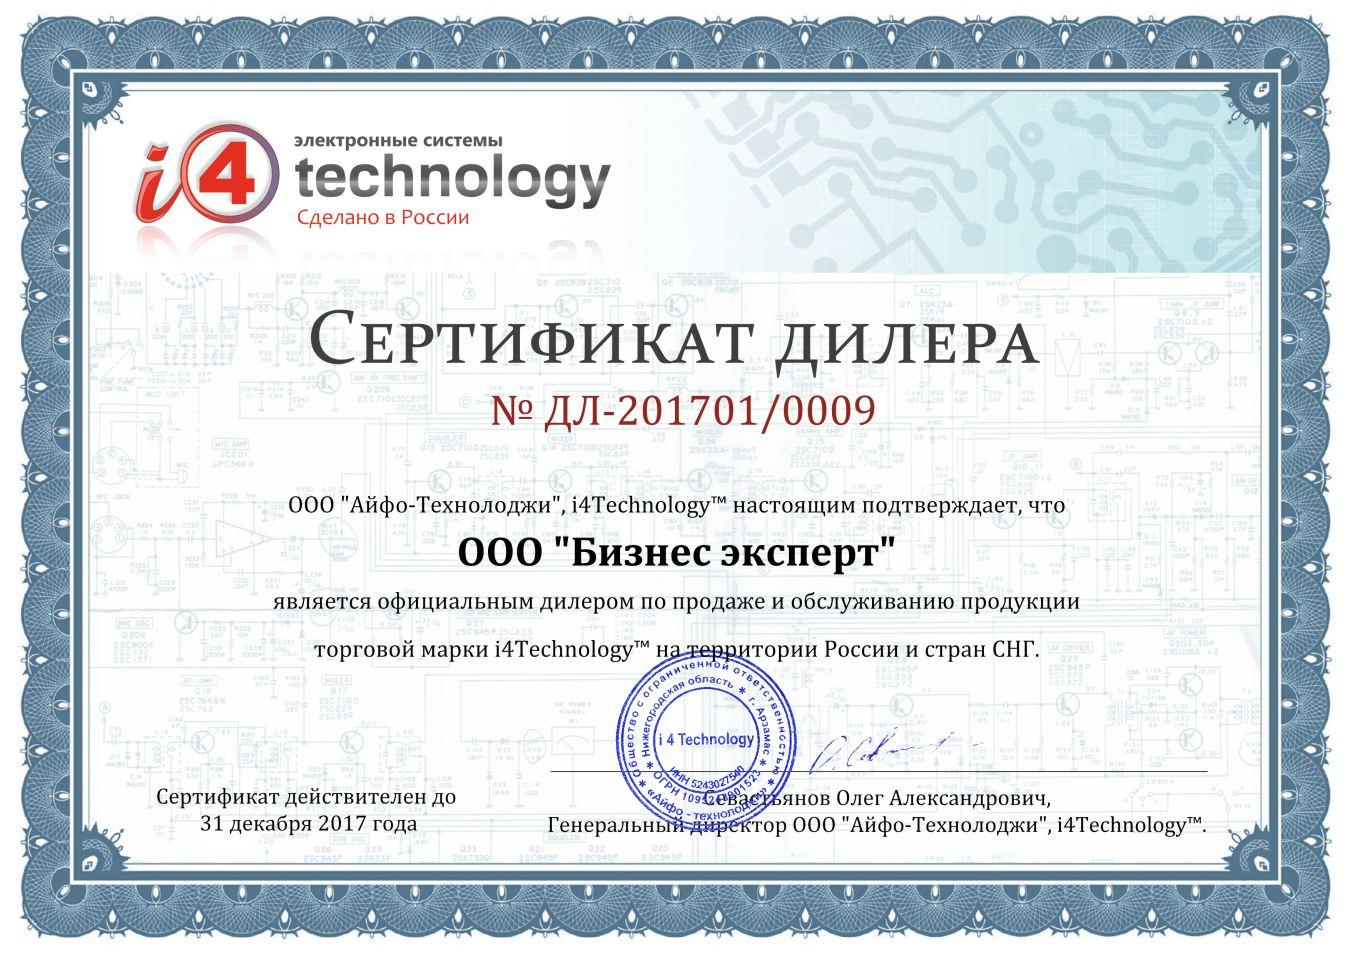 Сертификат дилера, дающий нашему интернет-магазину права на реализацию и обслуживание товаров под брендом i4technology